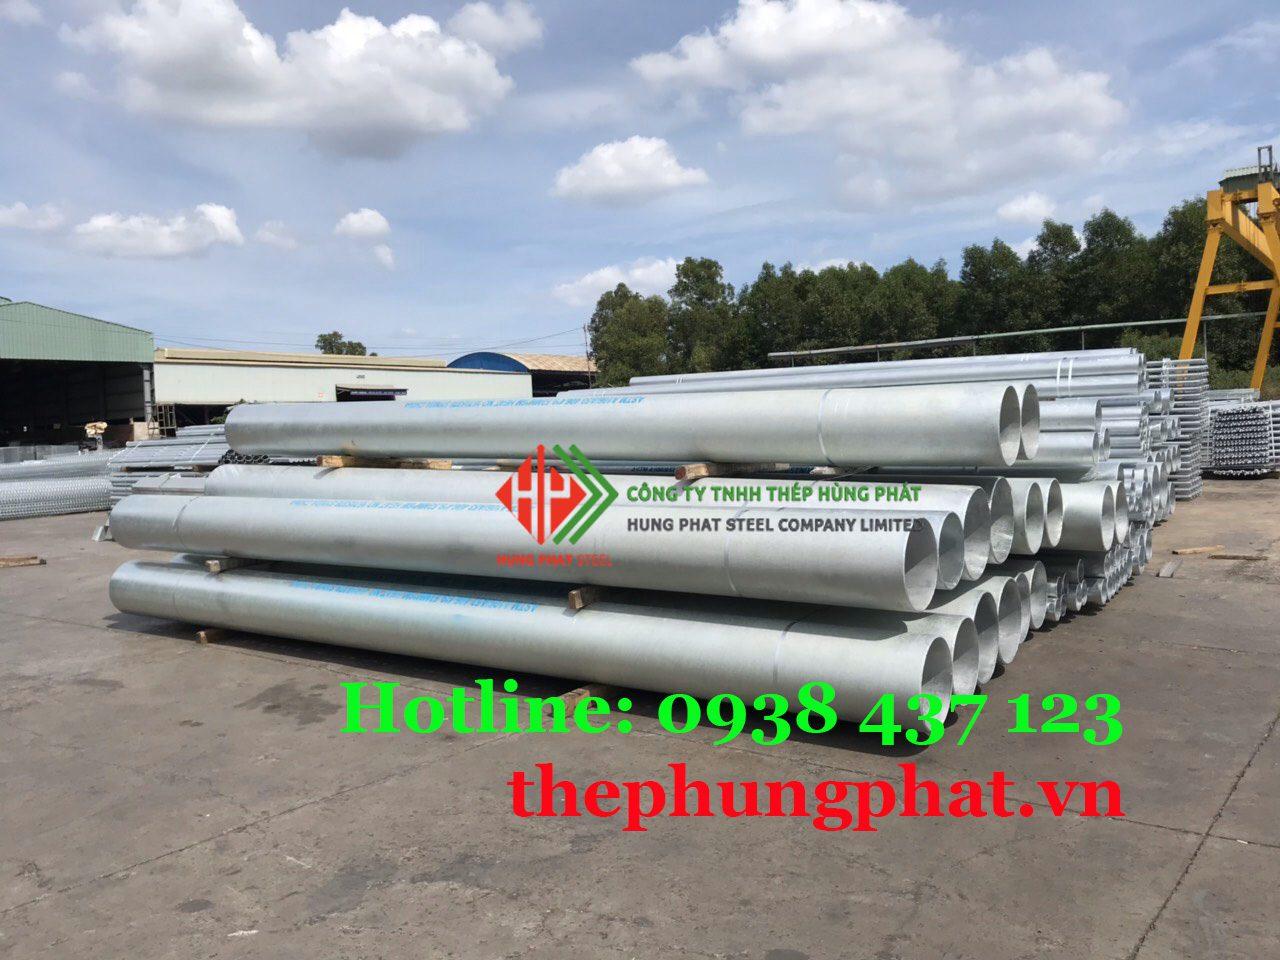 Báo giá thép ống mạ kẽm tại Quảng Nam